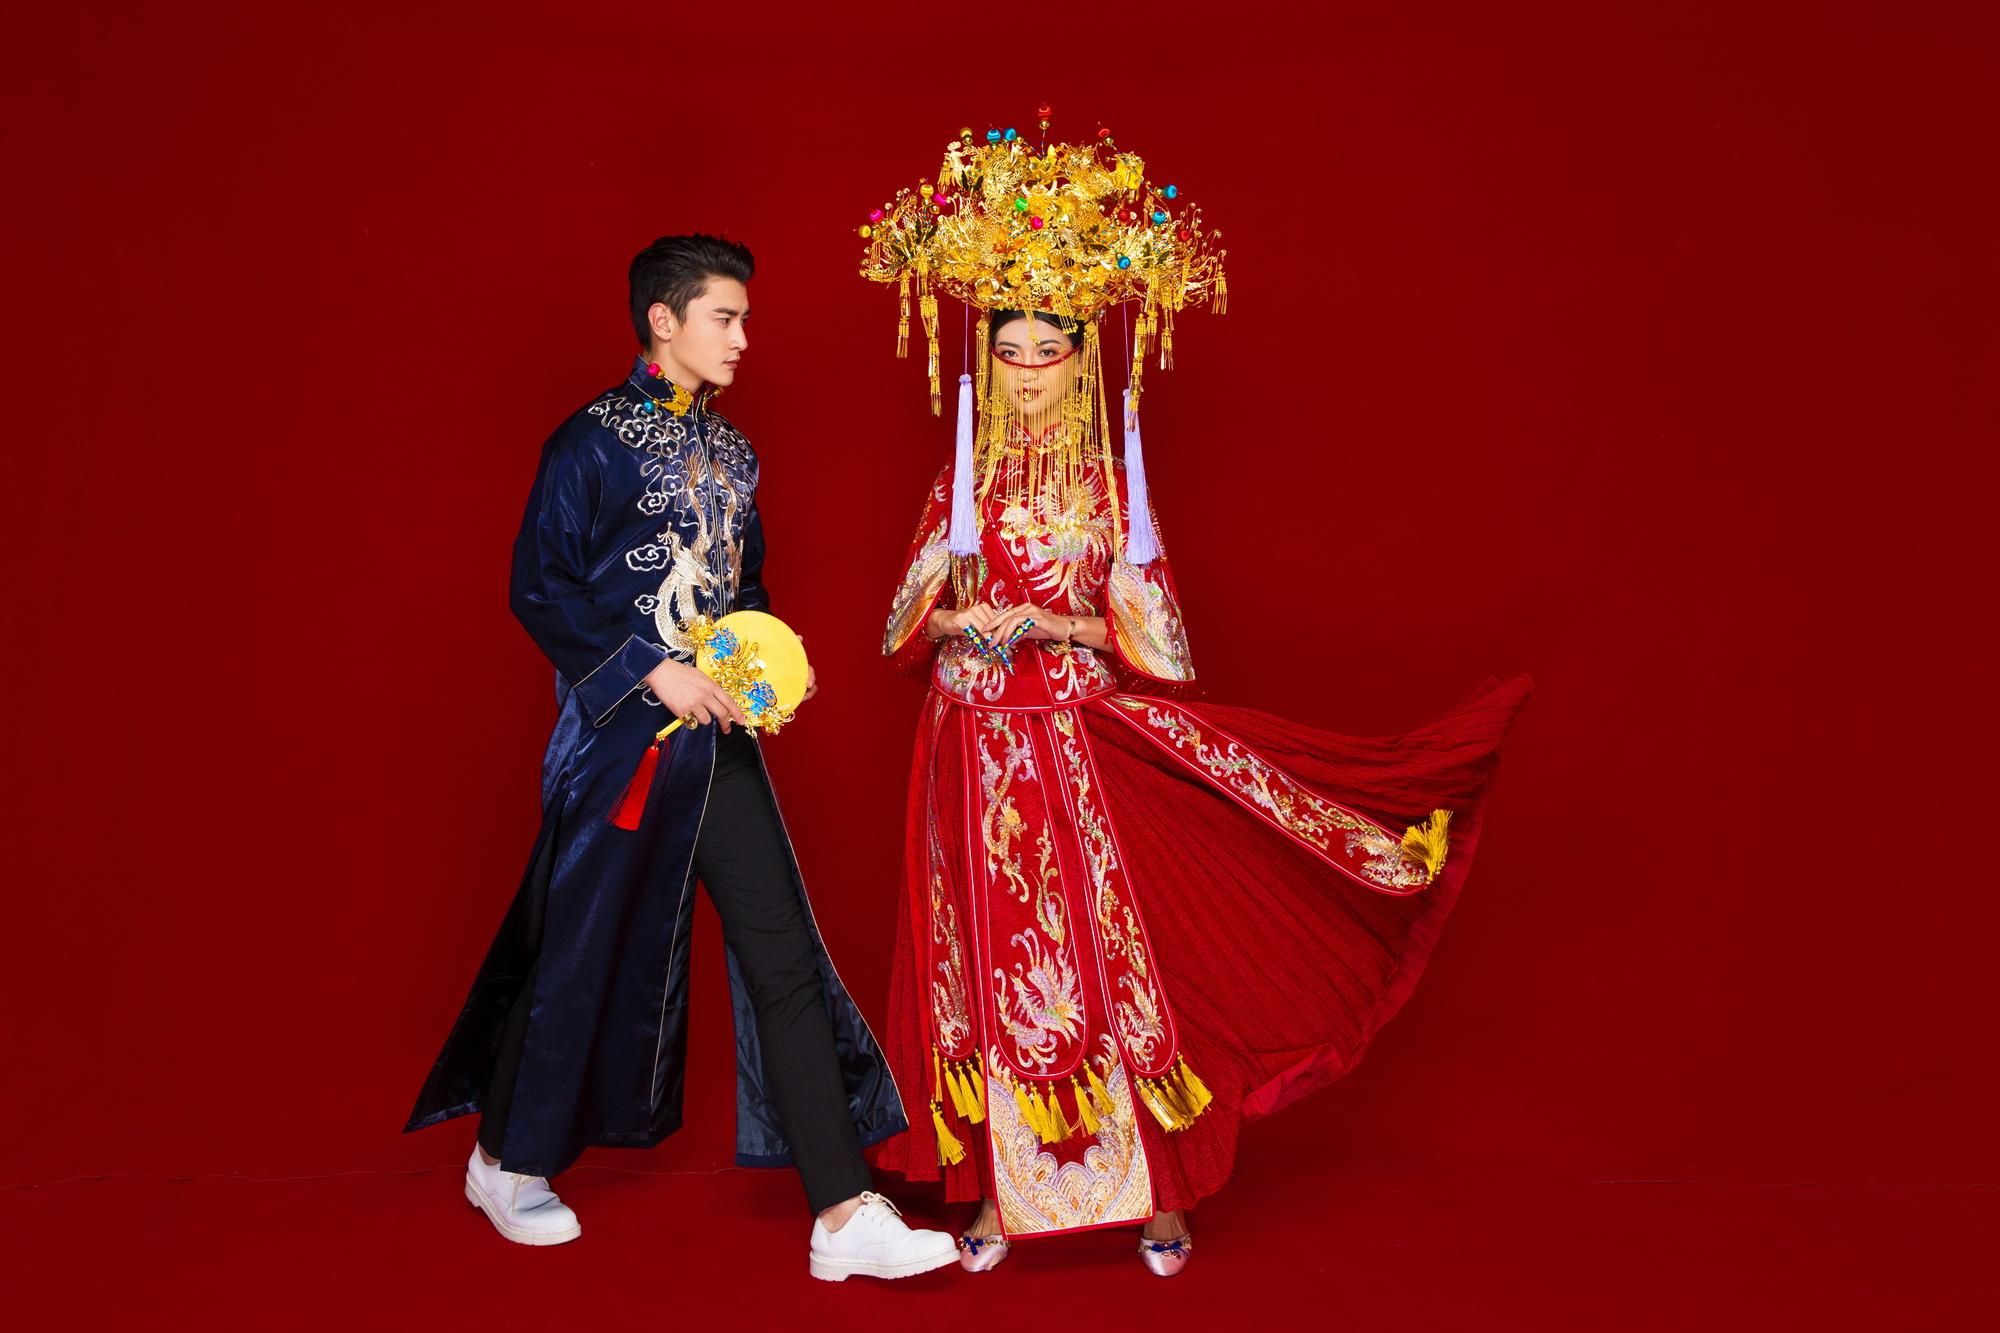 成都婚纱摄影 成都婚纱摄影工作室 成都婚纱照 成都bwin摄影 成都最好摄影工作室